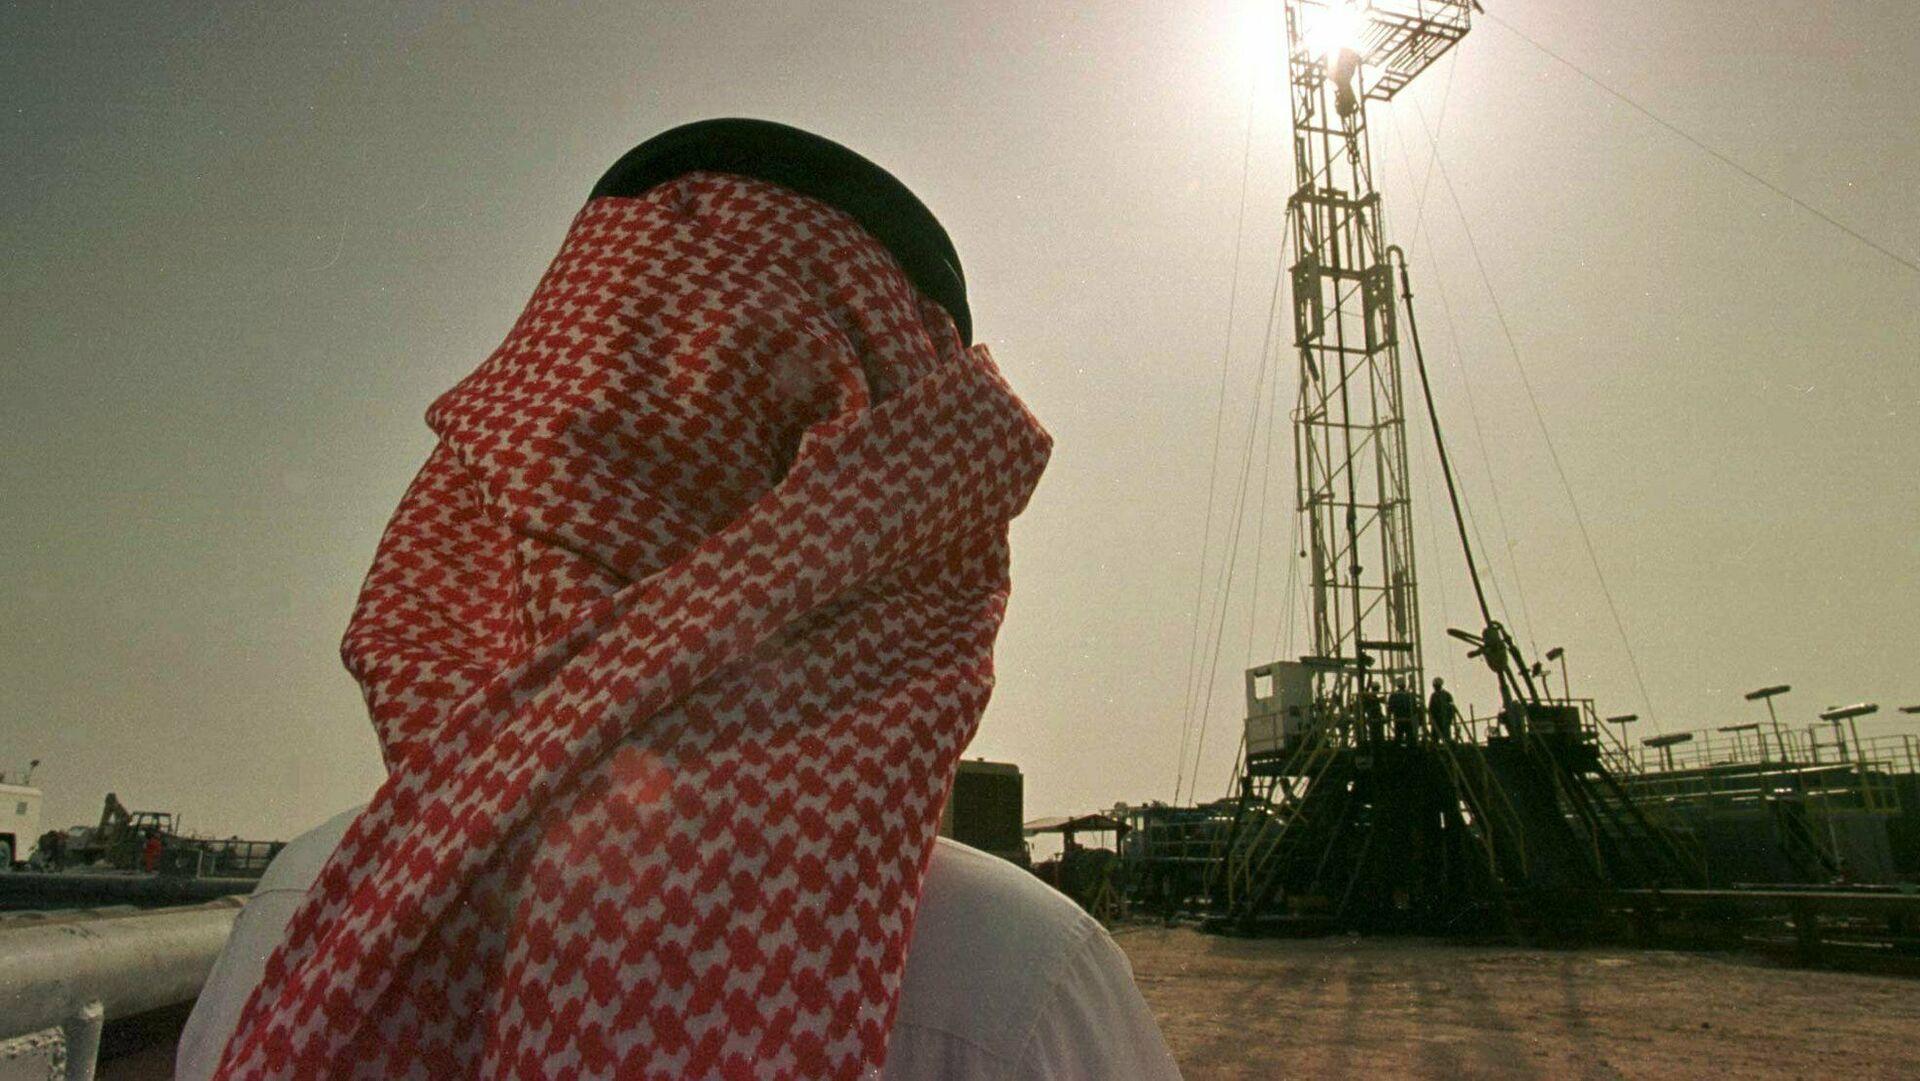 Un empleado de la compañía petrolera saudí Aramco observa el progreso de una plataforma situada en un yacimiento petrolero  - Sputnik Mundo, 1920, 01.03.2021